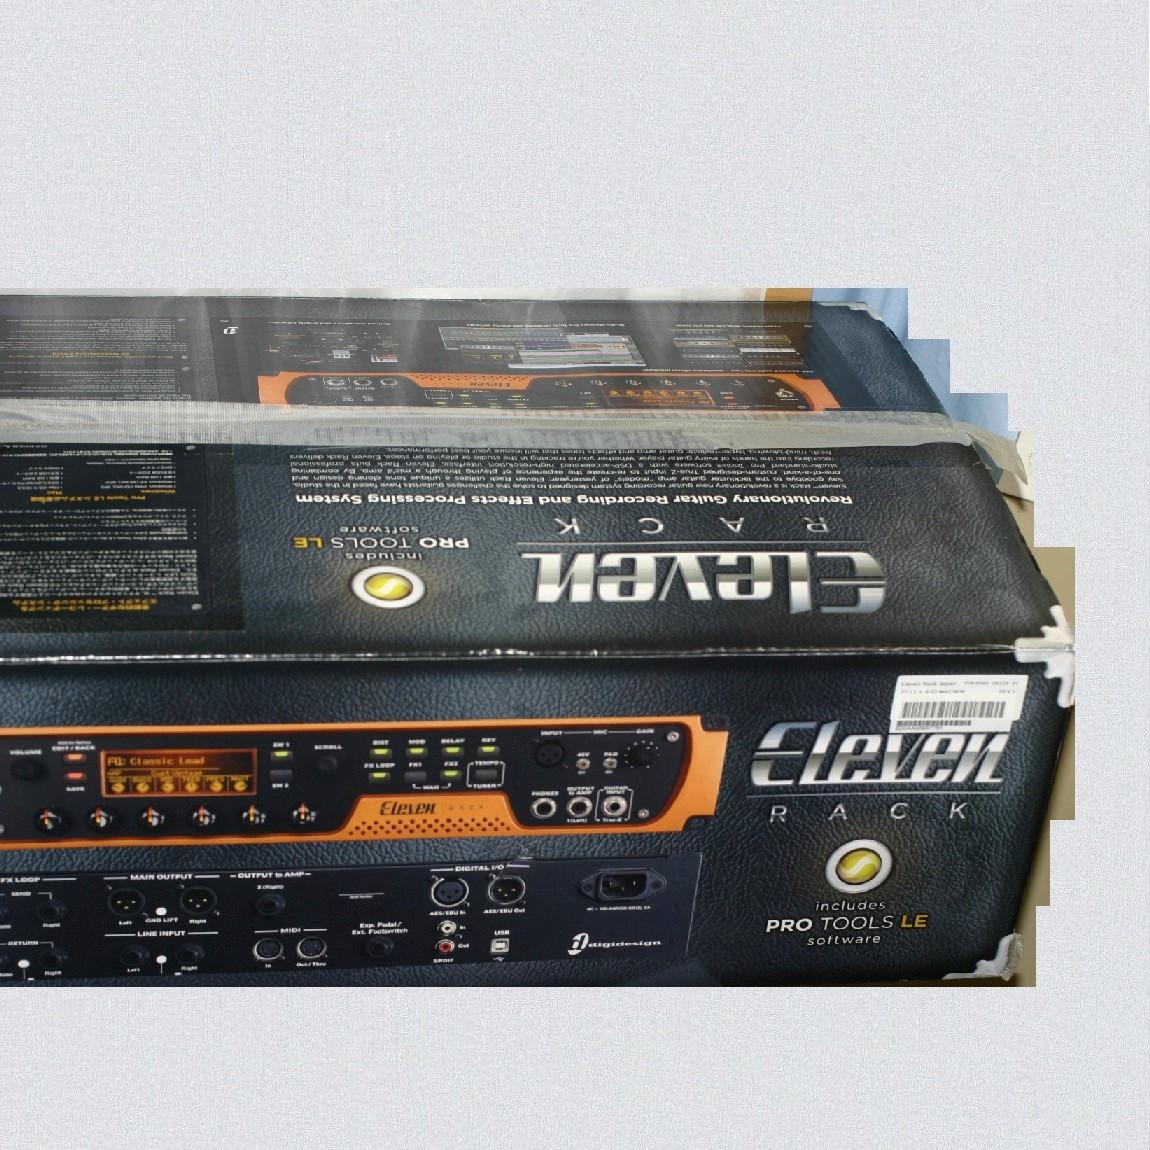 【中古】完動美品Eleven Rackのギターアンプシミュレーターver,8,03 1ヶ月保障つき ○J12-63